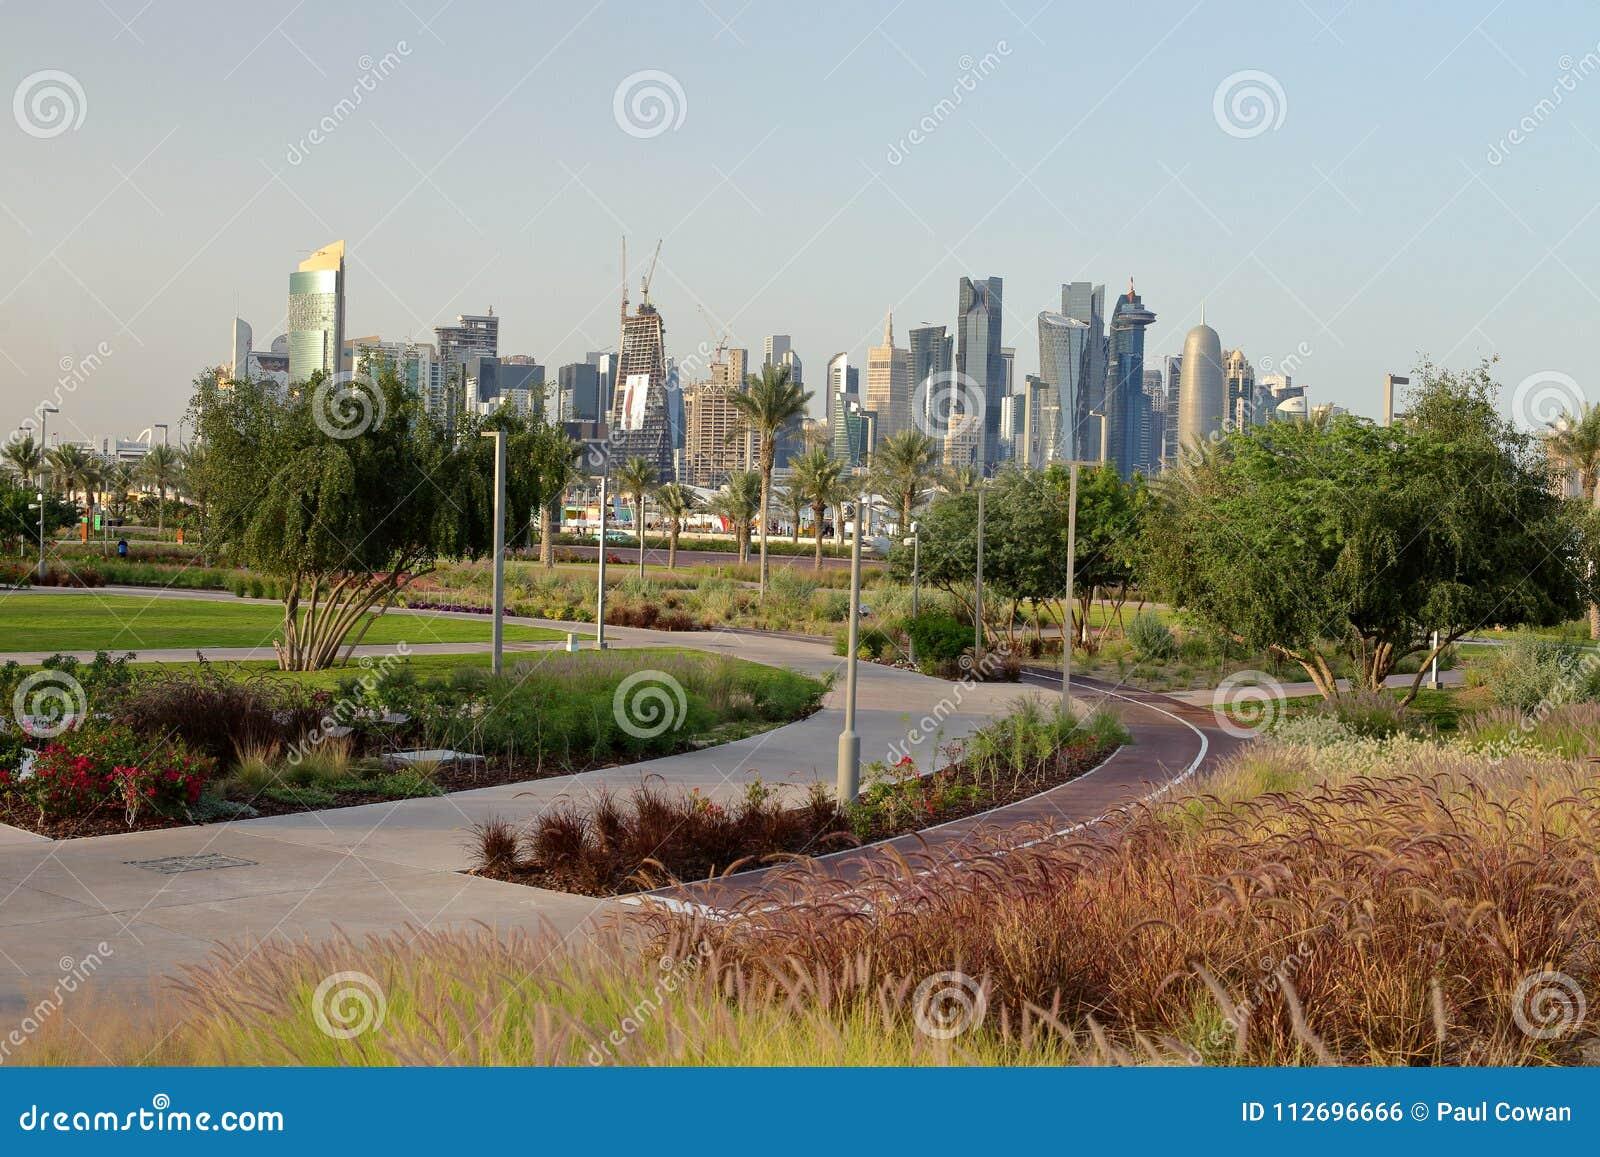 Piste cyclable et tours de parc de Bidda au Qatar